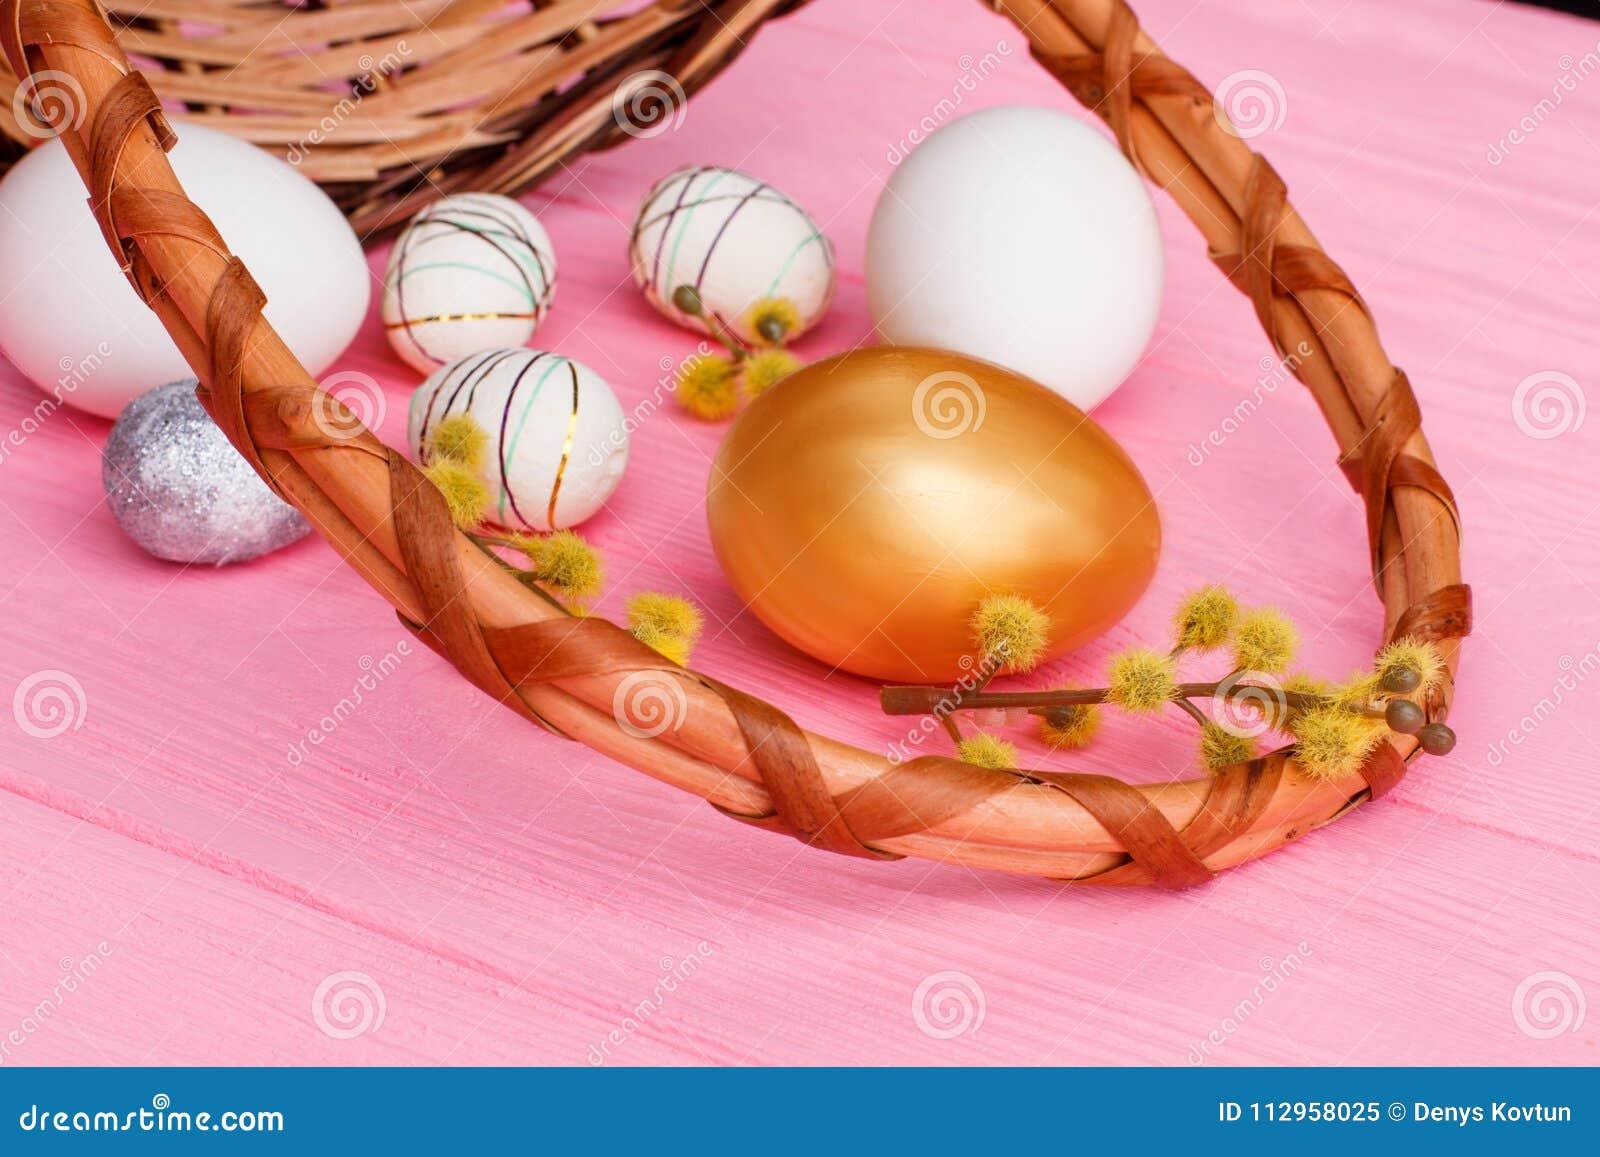 Easter egg pussy